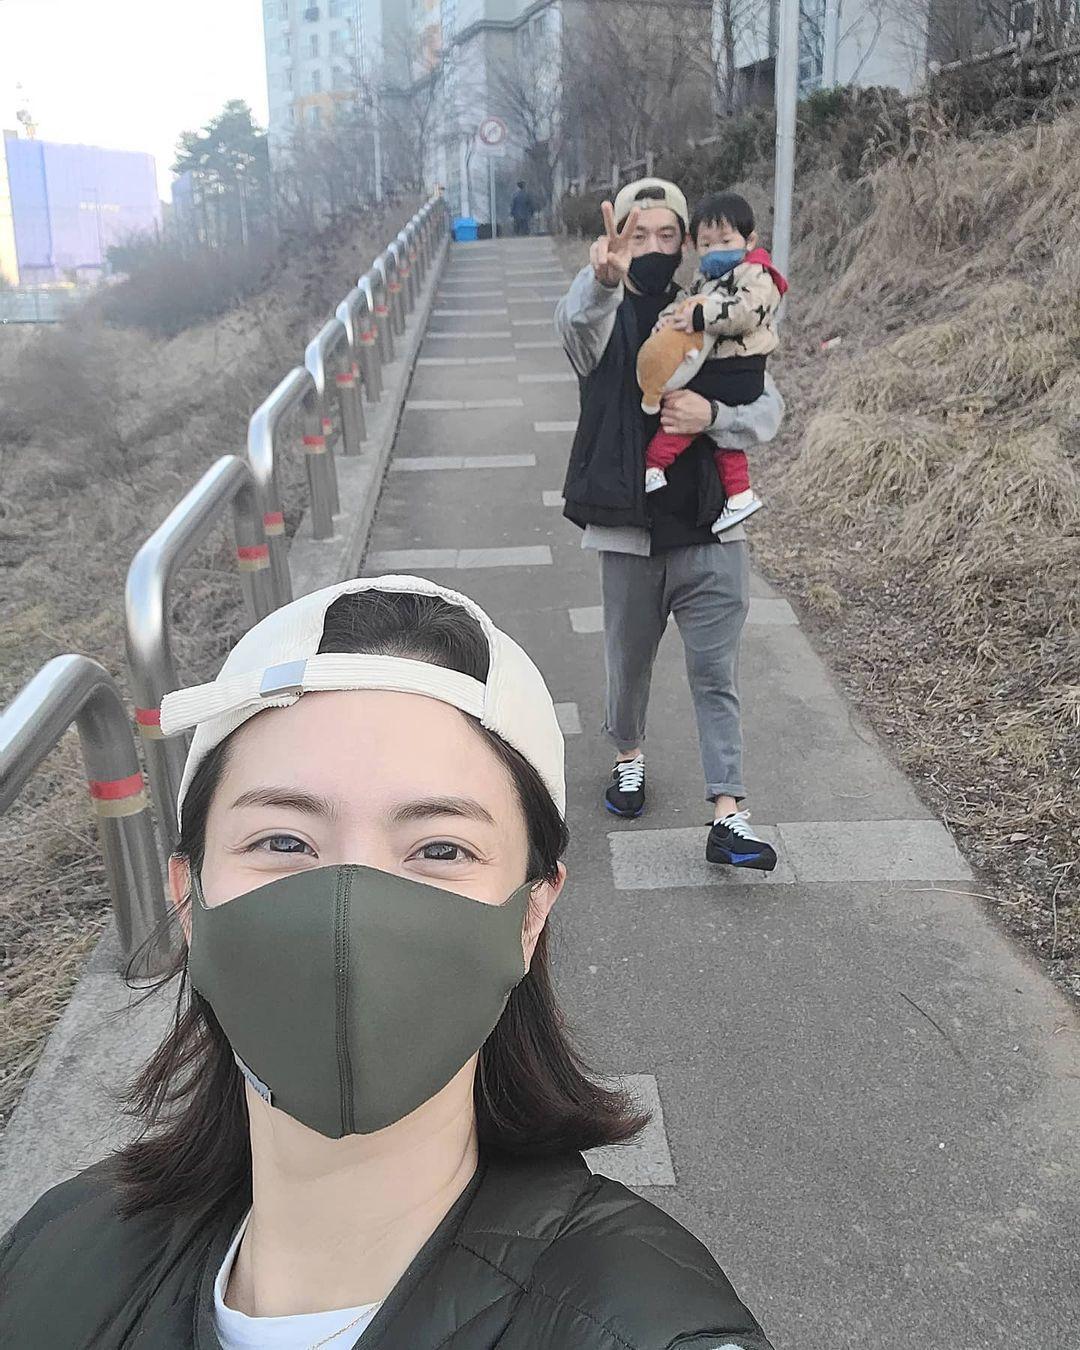 劉荷娜經常在IG公開她與老公、兒子的日常照片。(翻攝自劉荷娜IG)